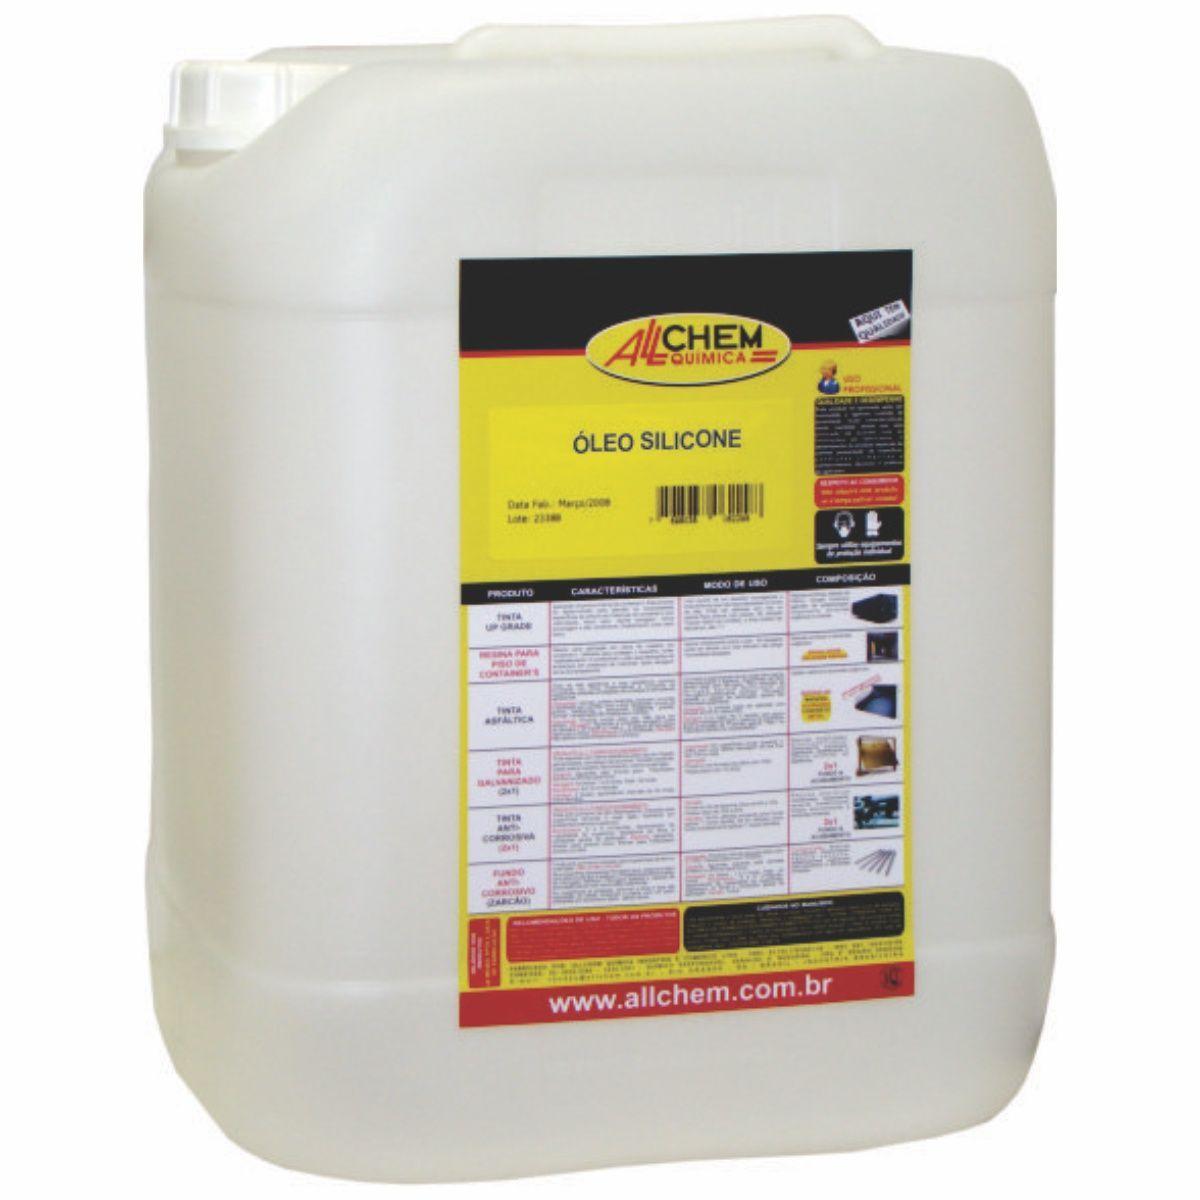 oleo-silicone-1000-allchem